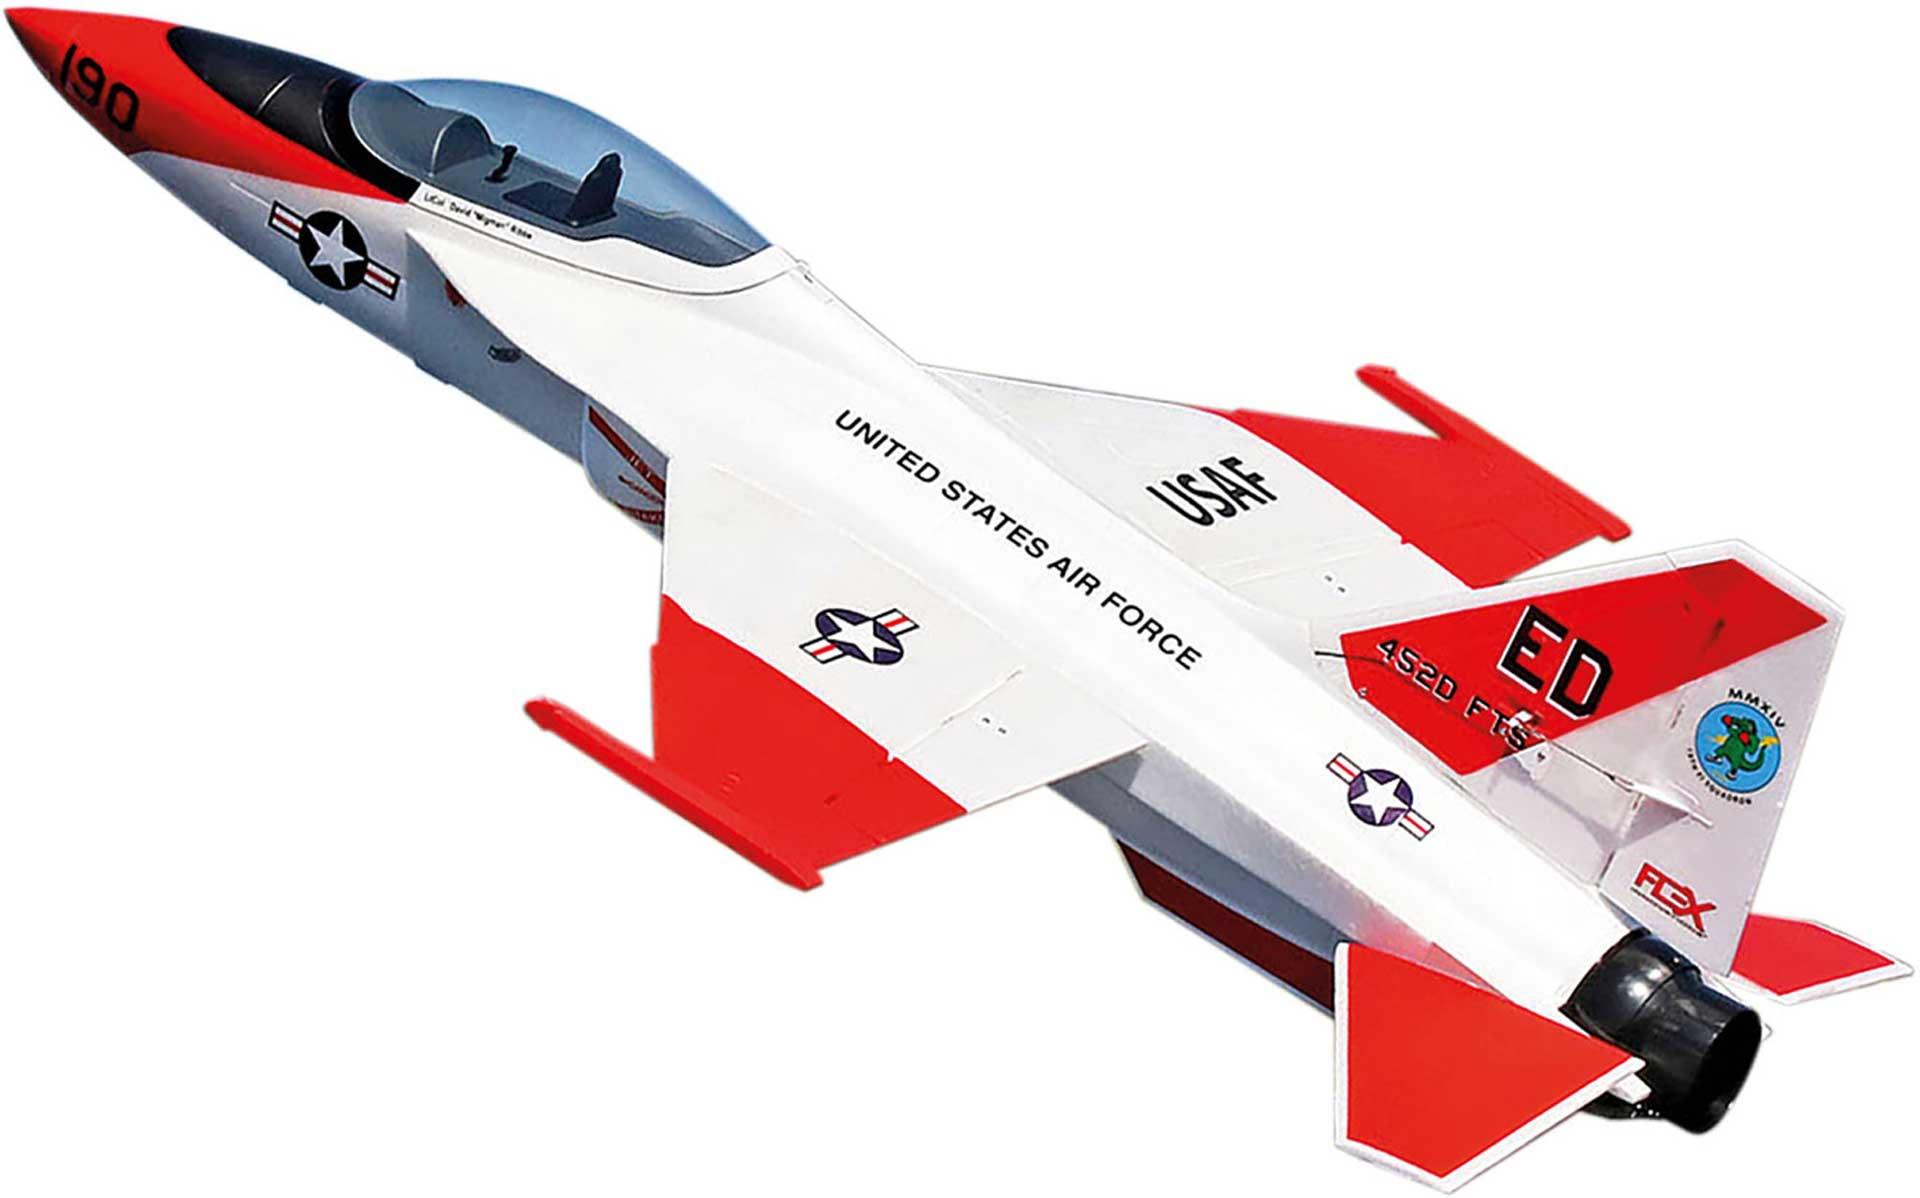 PREMIER AIRCRAFT FLEXJET THRUST VECTOR 90MM EDF IMPELLER JET SUPER PNP ORANGE MIT AURA 8 UND SCHUBVEKTORST